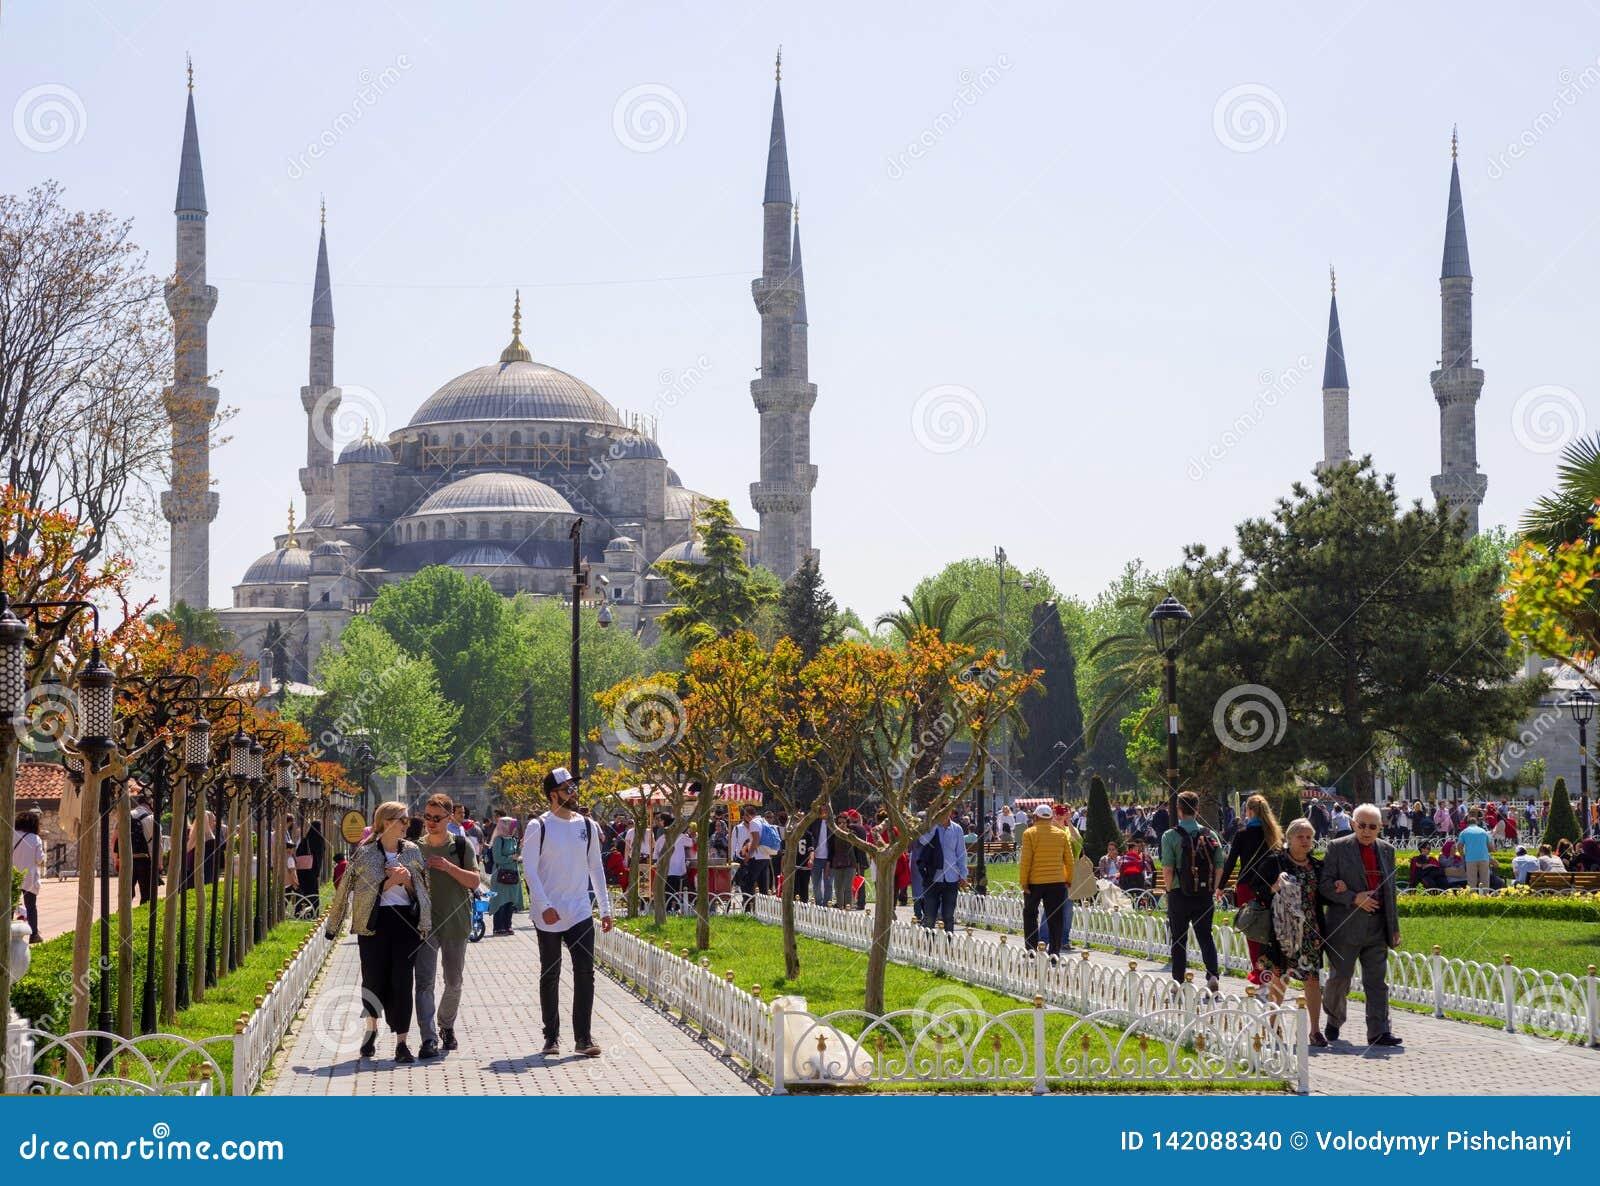 Большое количество резиденты и туристов Стамбула ежедневно посещают квадрат Ahmet султана перед голубым султаном Ahmet Ca мечети